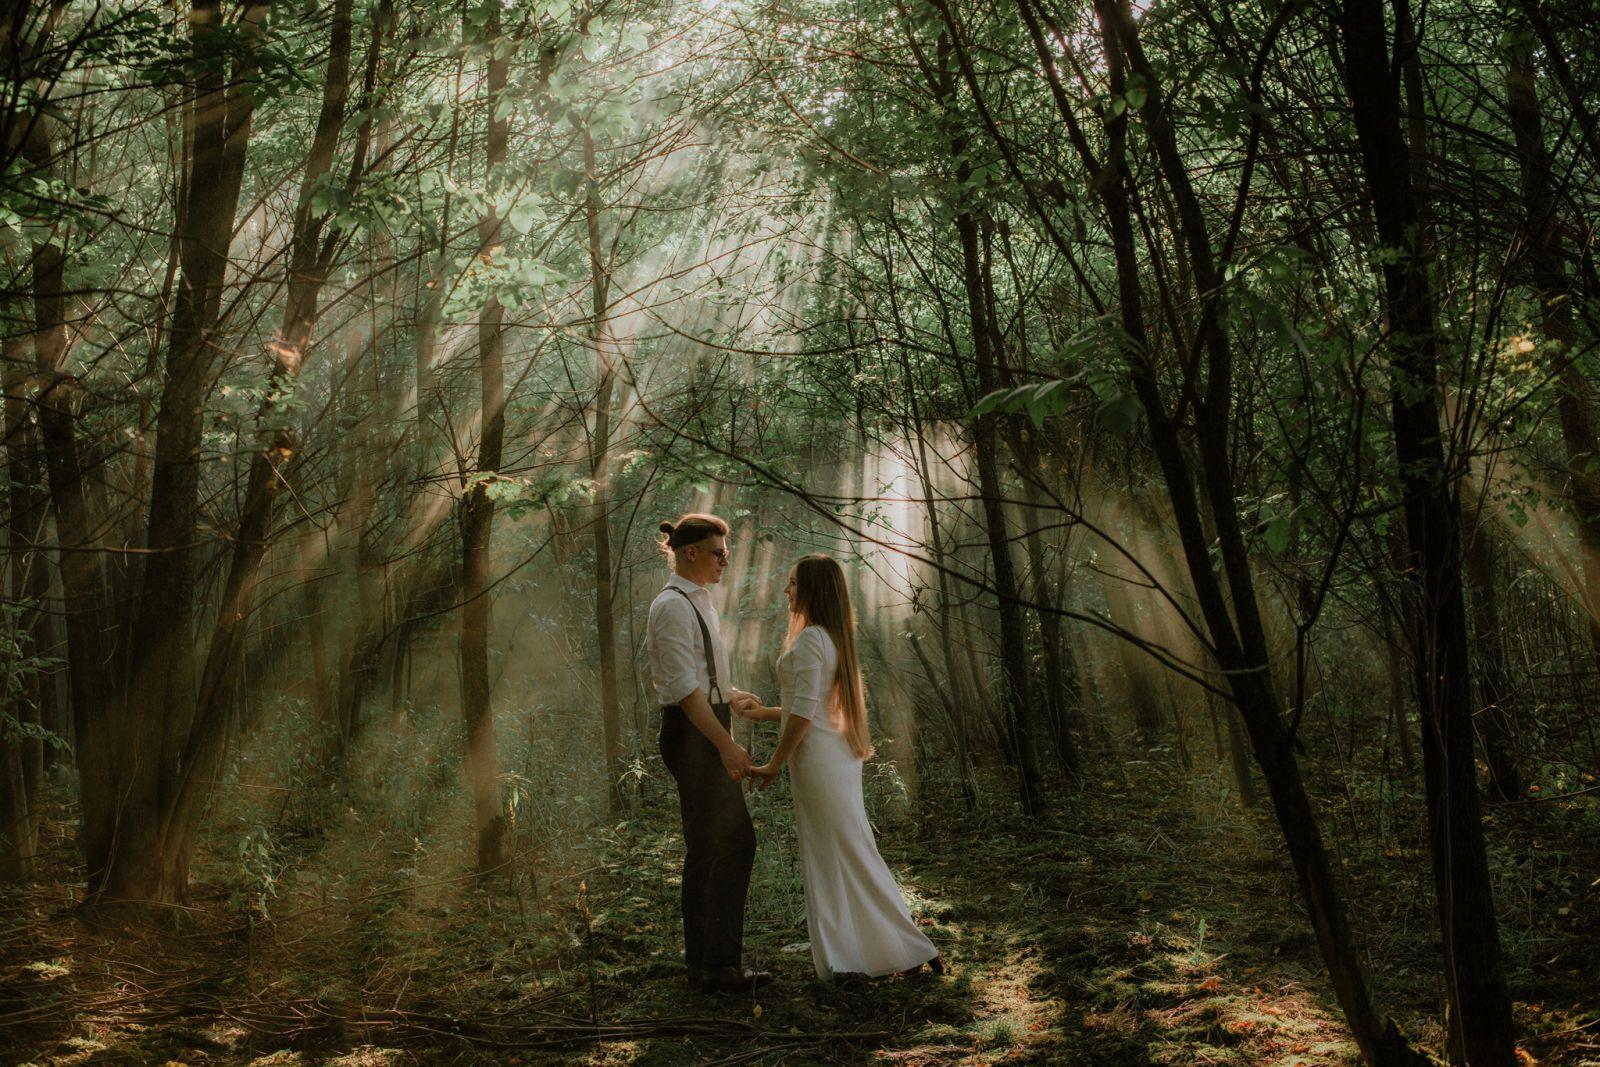 najlepszy fotograf ślubny lublin